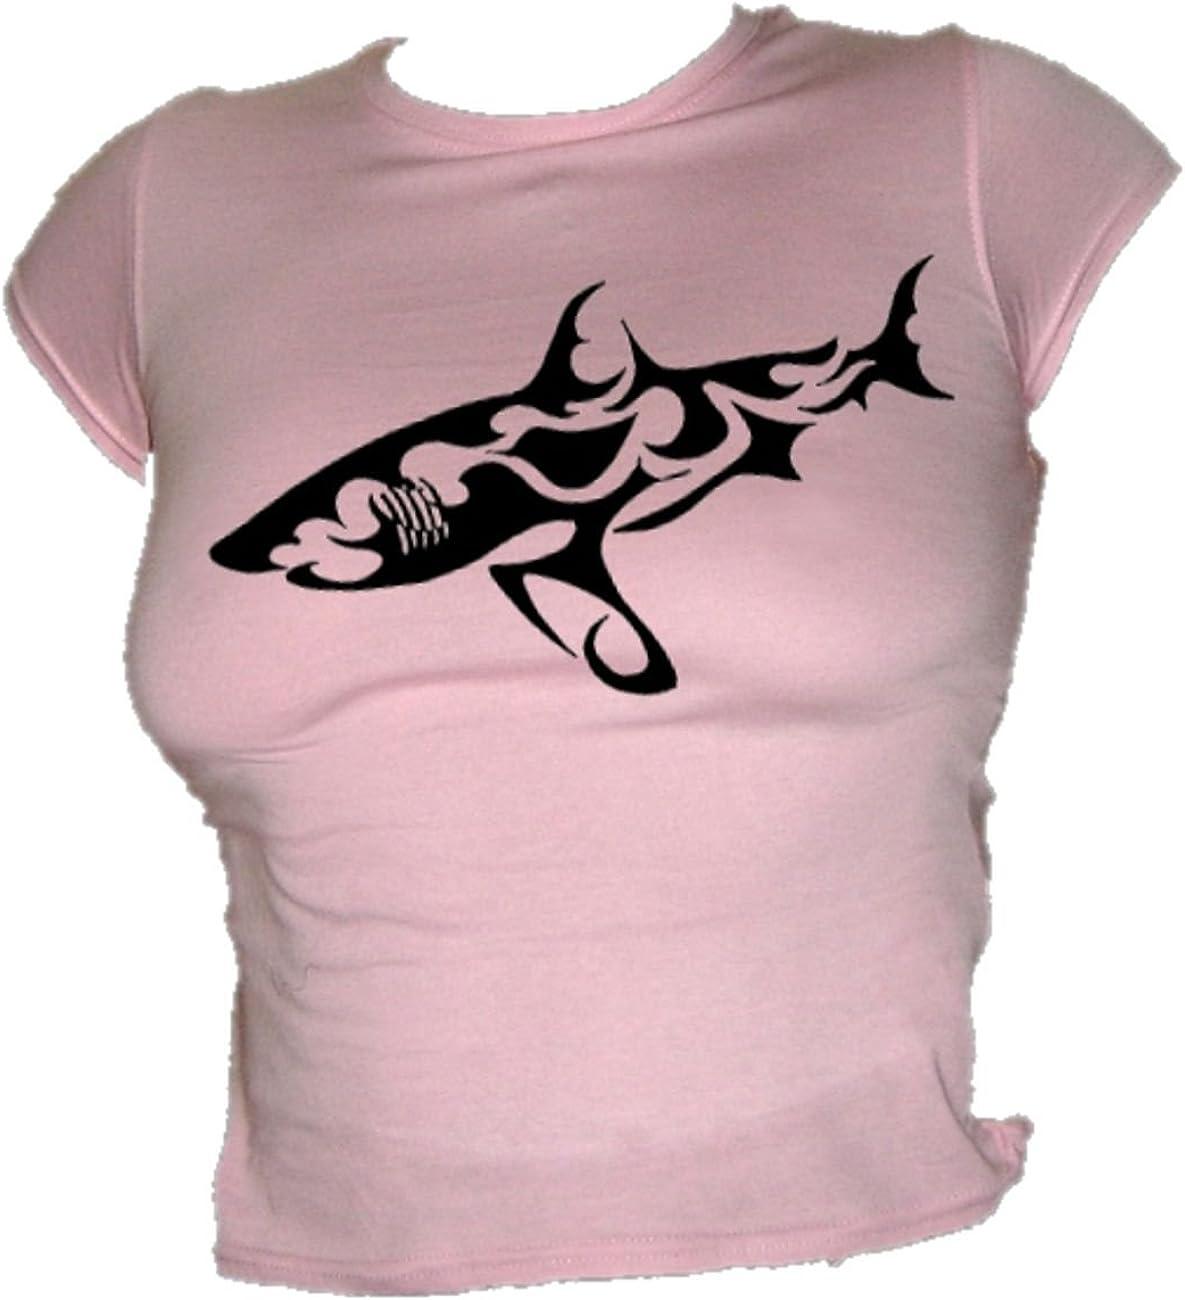 Blue Ray T-Shirts de la Mujer Tribal Tatuaje Estilo – Gran tiburón ...